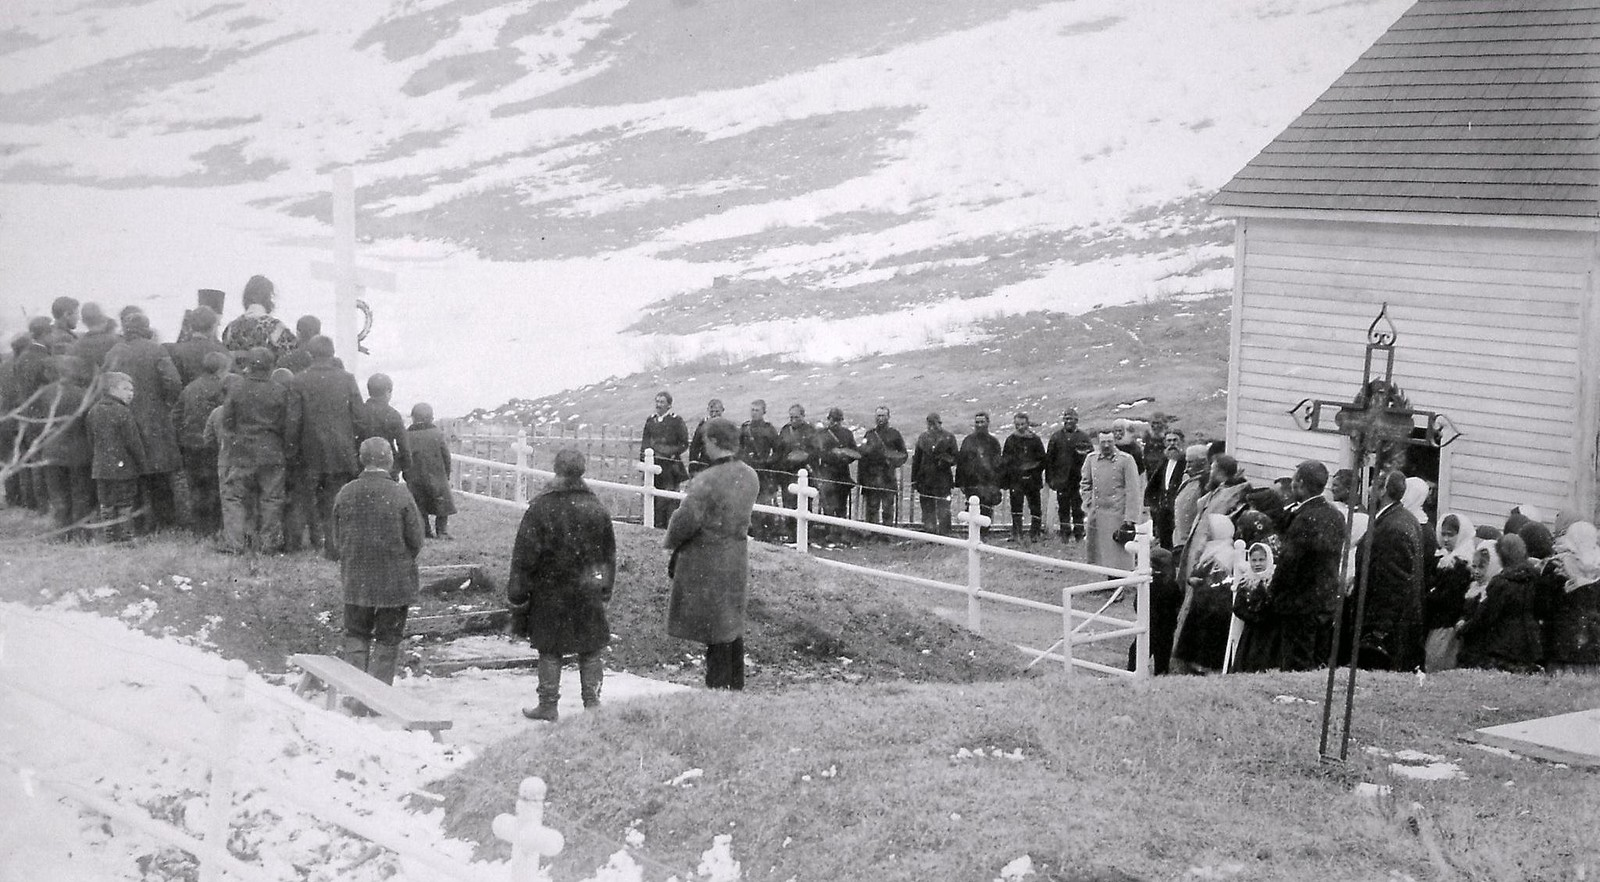 1897. Панихида на братской могиле в присутствии Приамурского Генерал-Губернатора С. М. Духовского. 7 мая